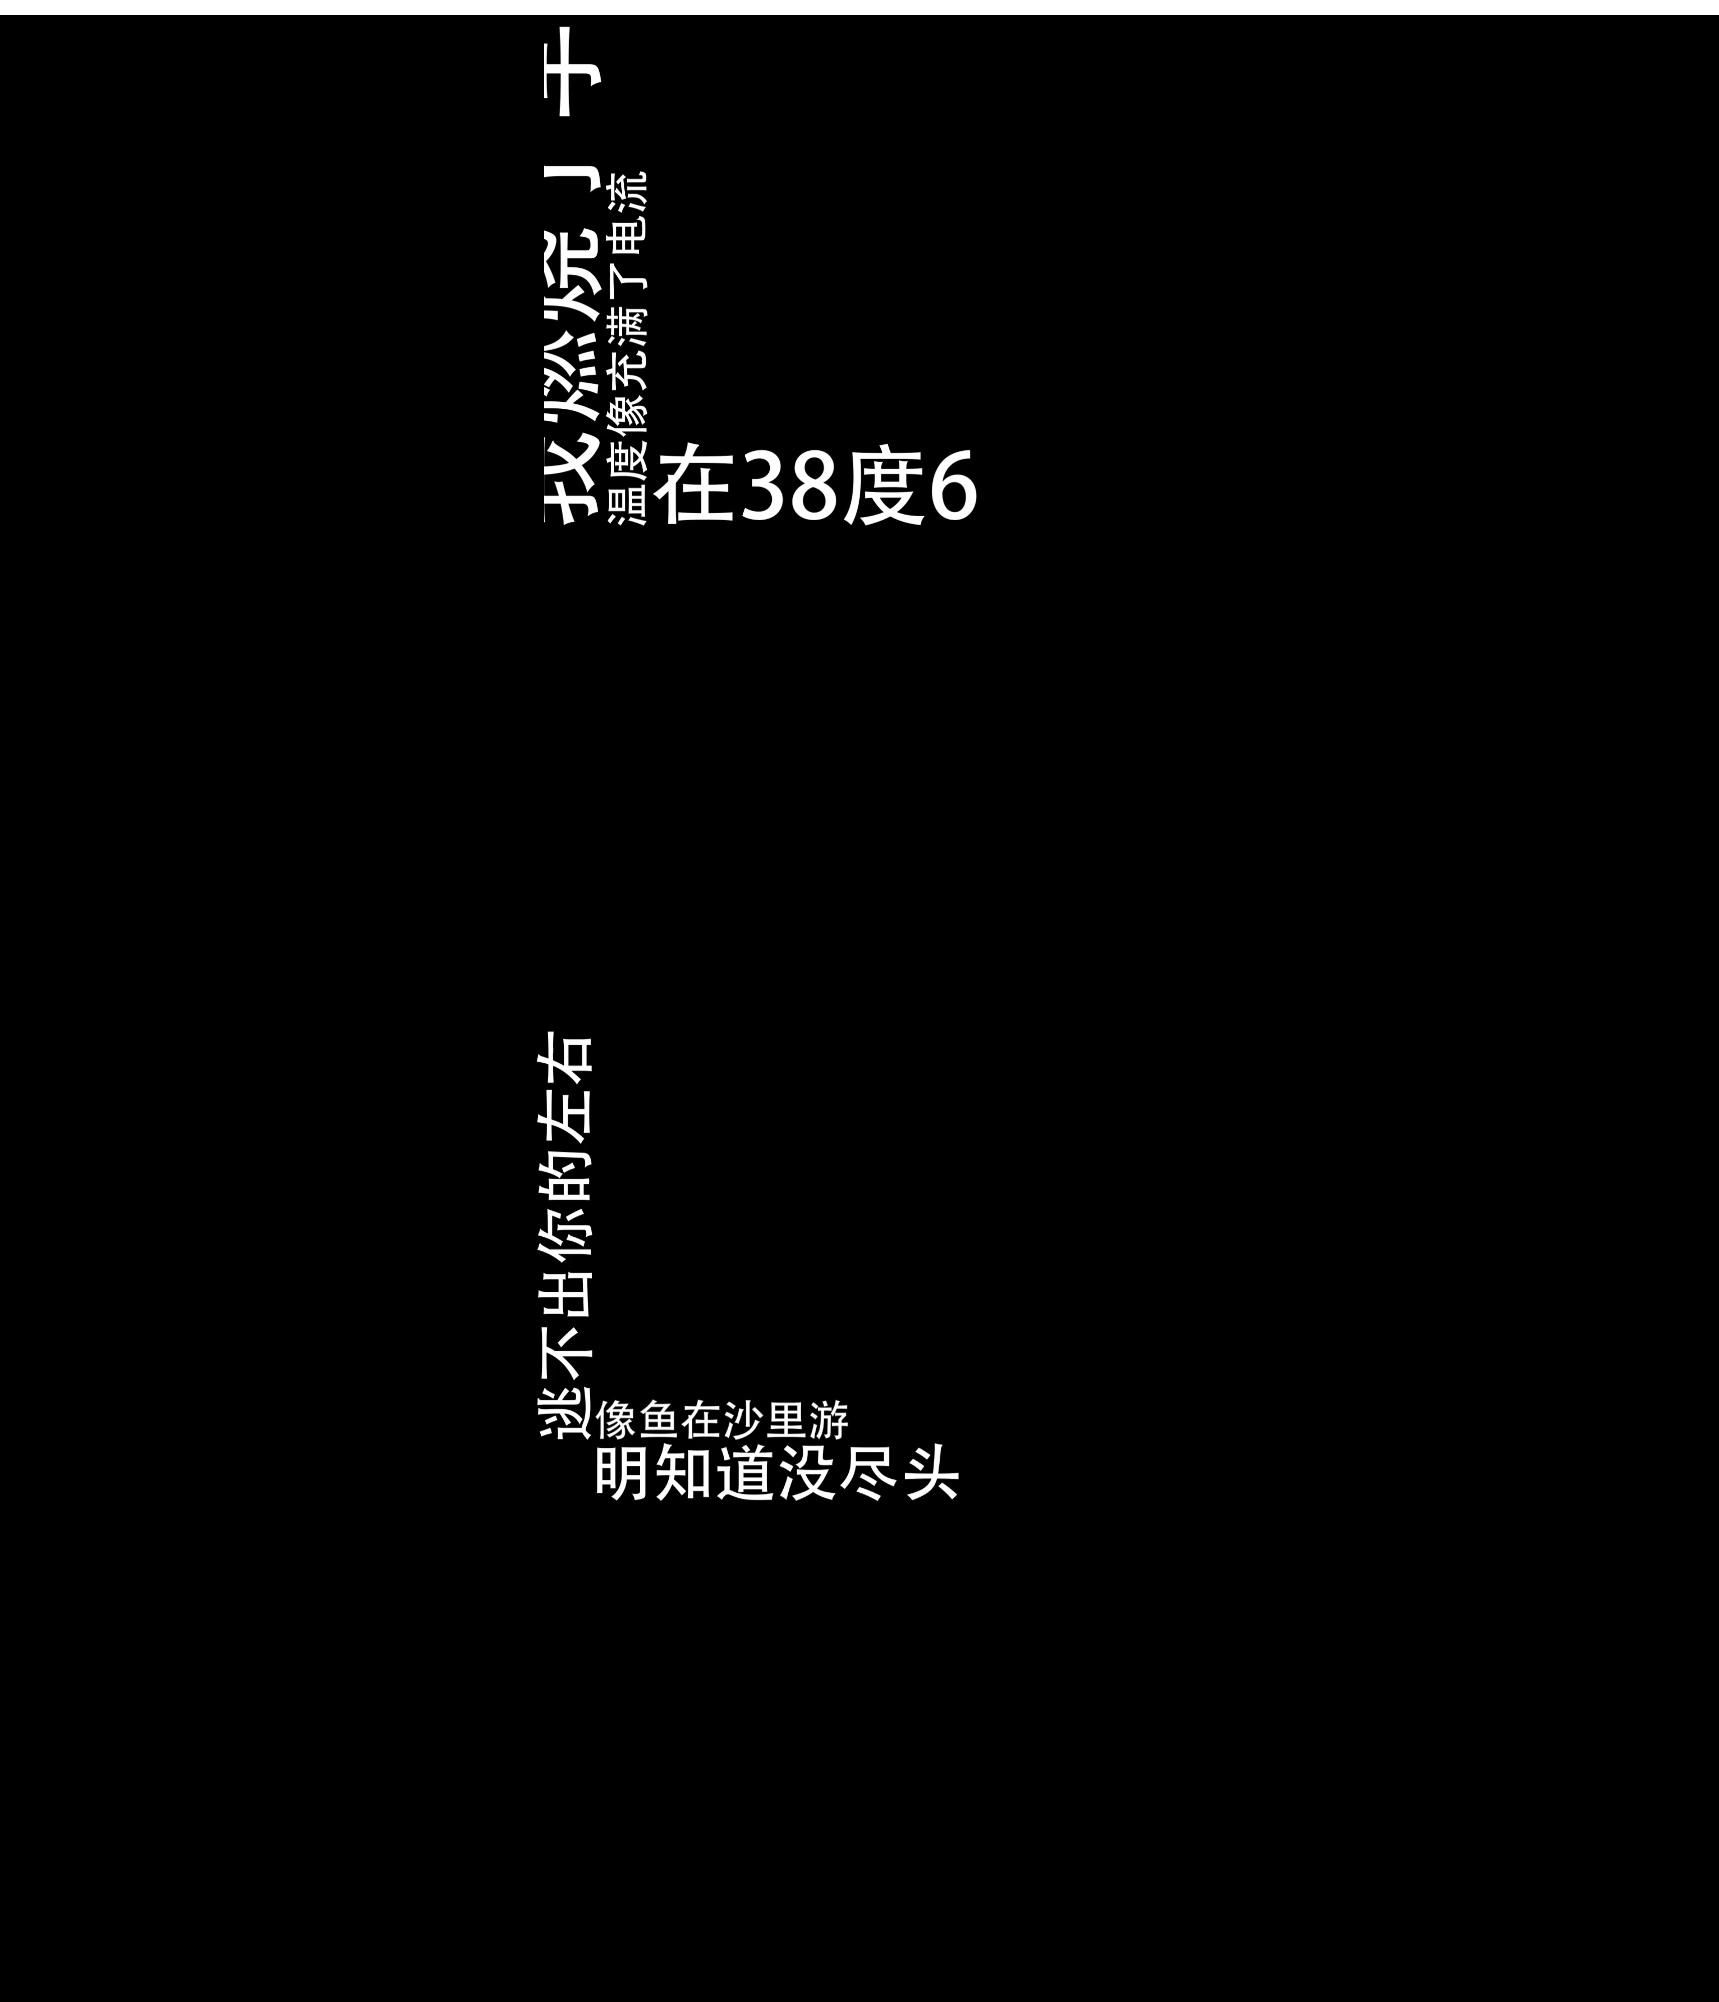 抖音字幕38度6版ae模版